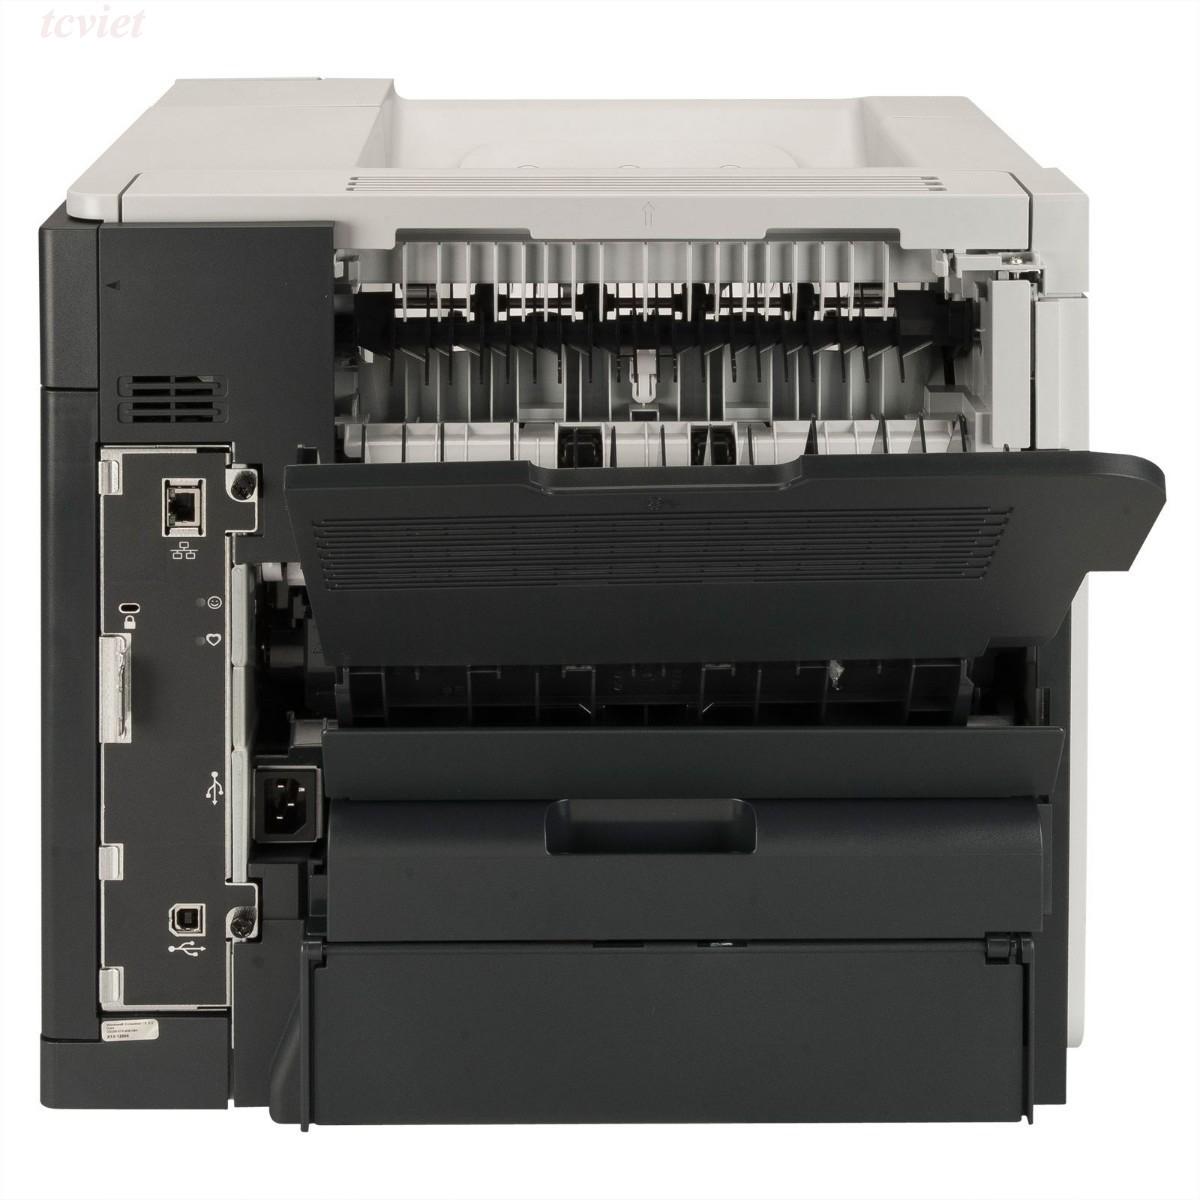 MÁY IN HP LASERJET ENTERPRISE 600 M602DN (CE992A)